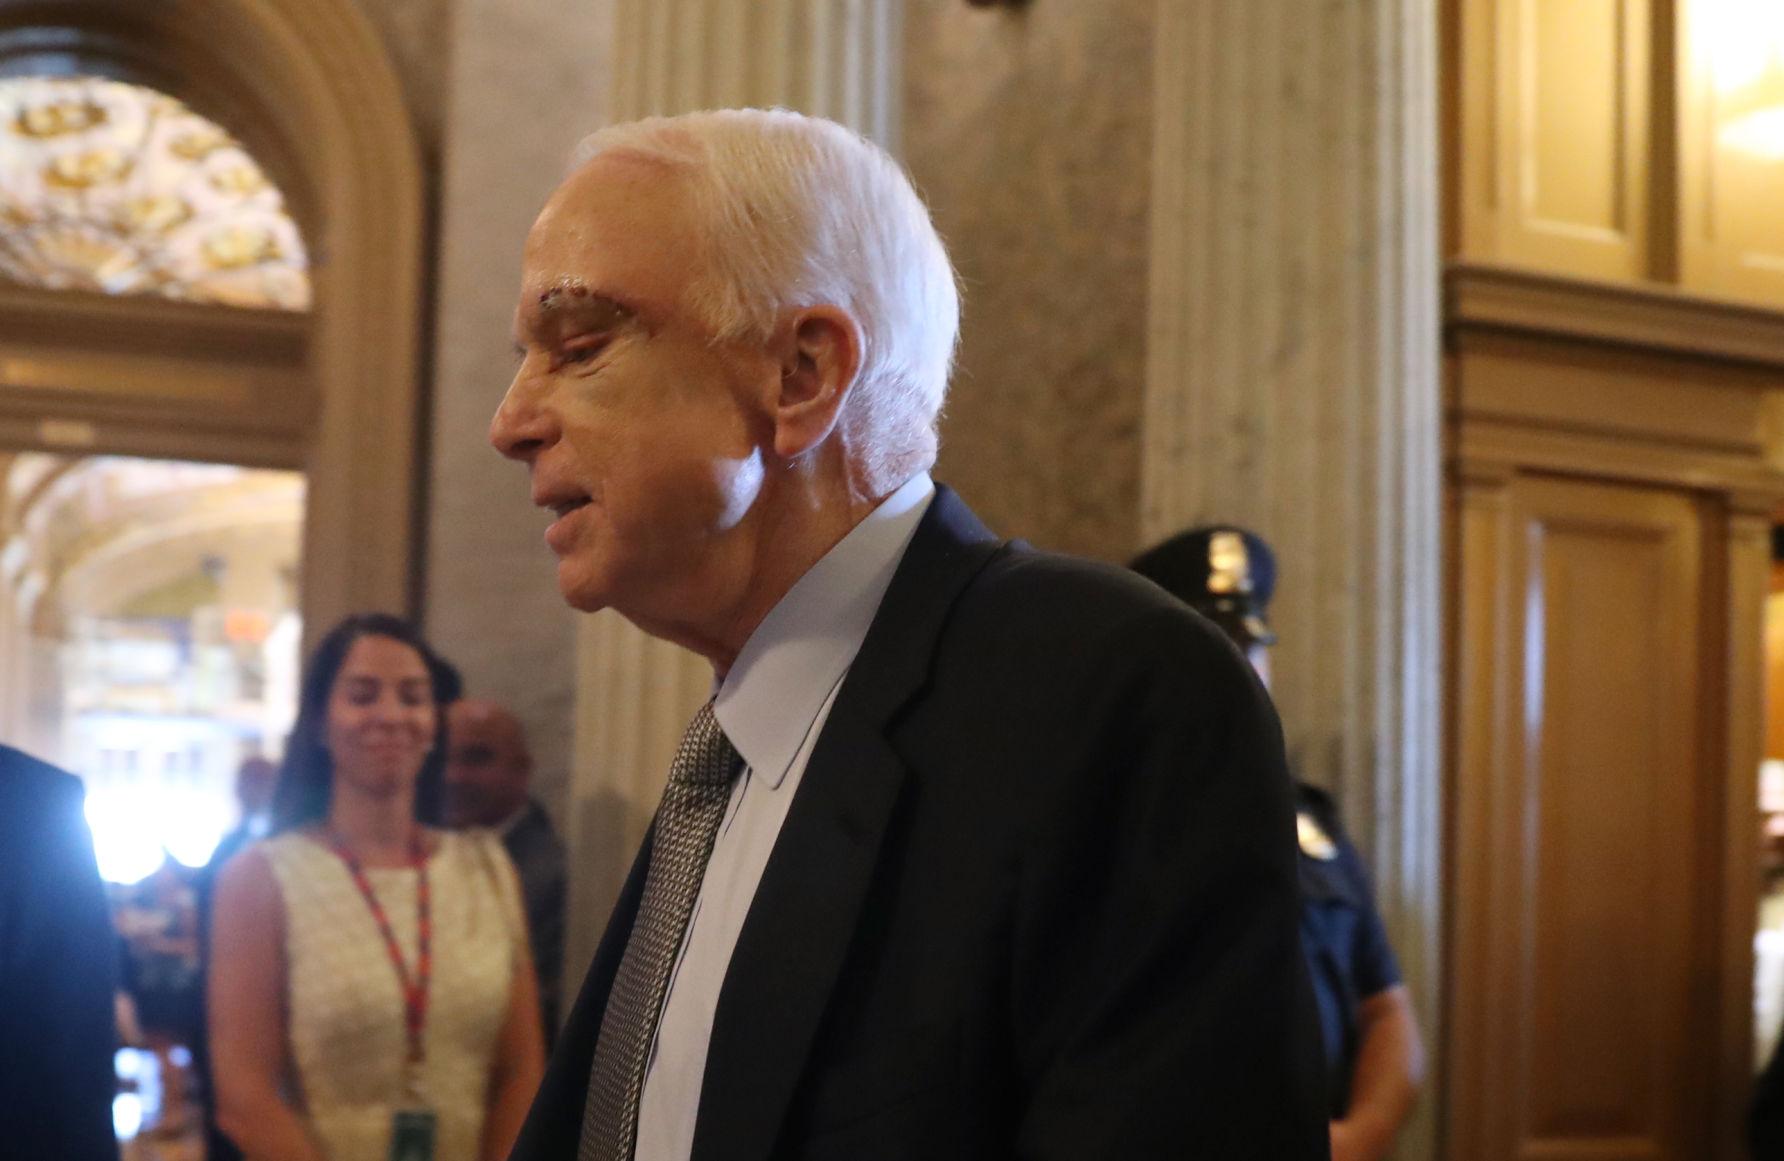 John McCain to return to Senate Tuesday for health care vote